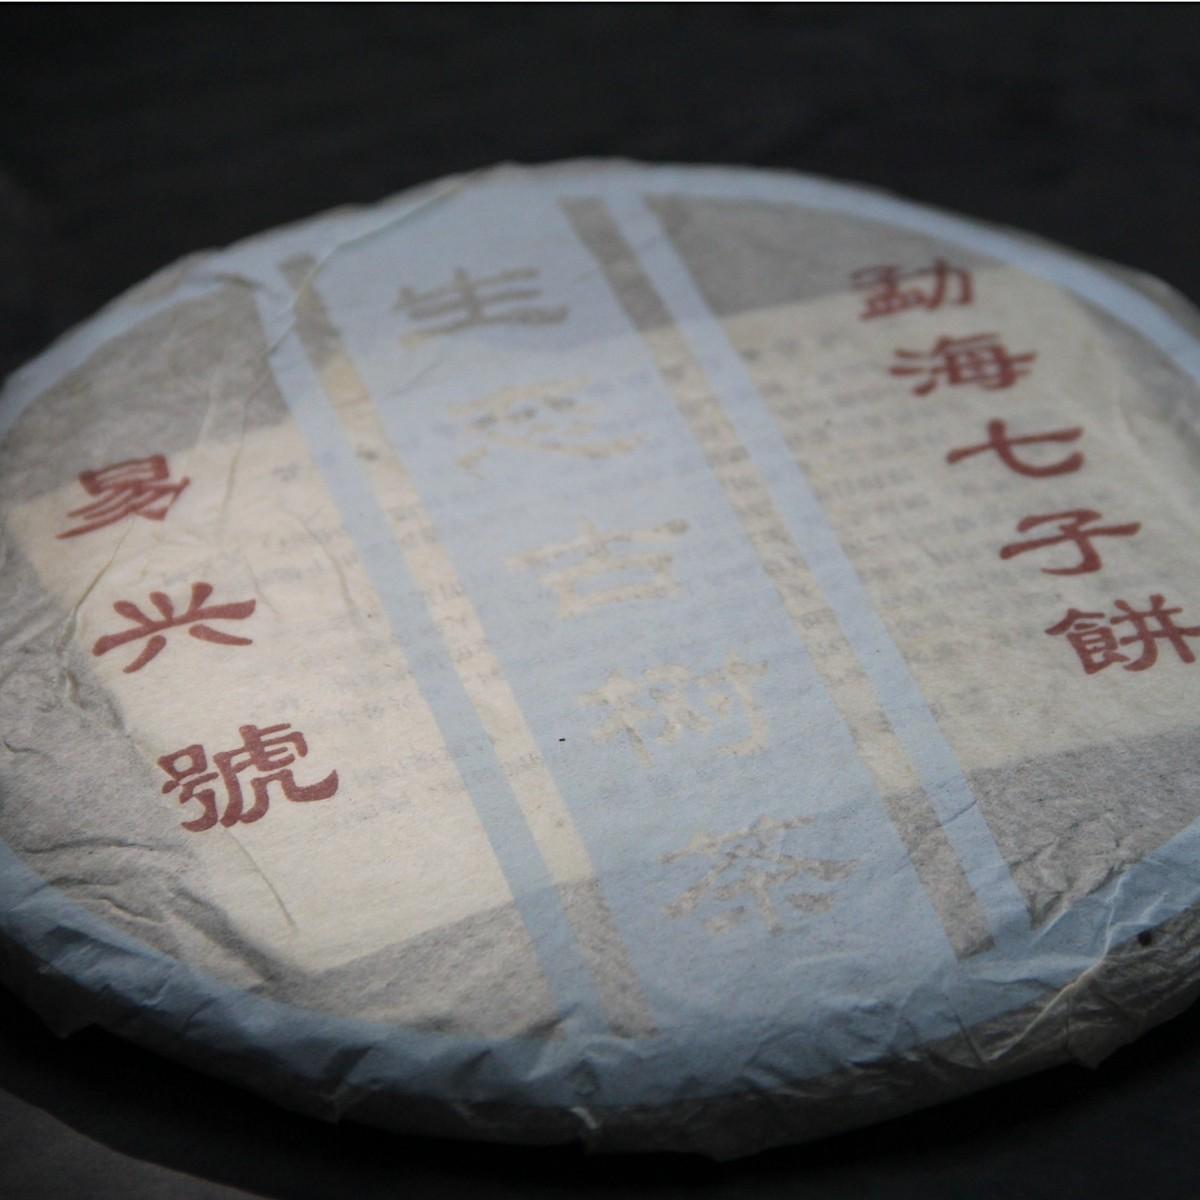 81_2005年易兴号布朗山古树生普茶饼 357g